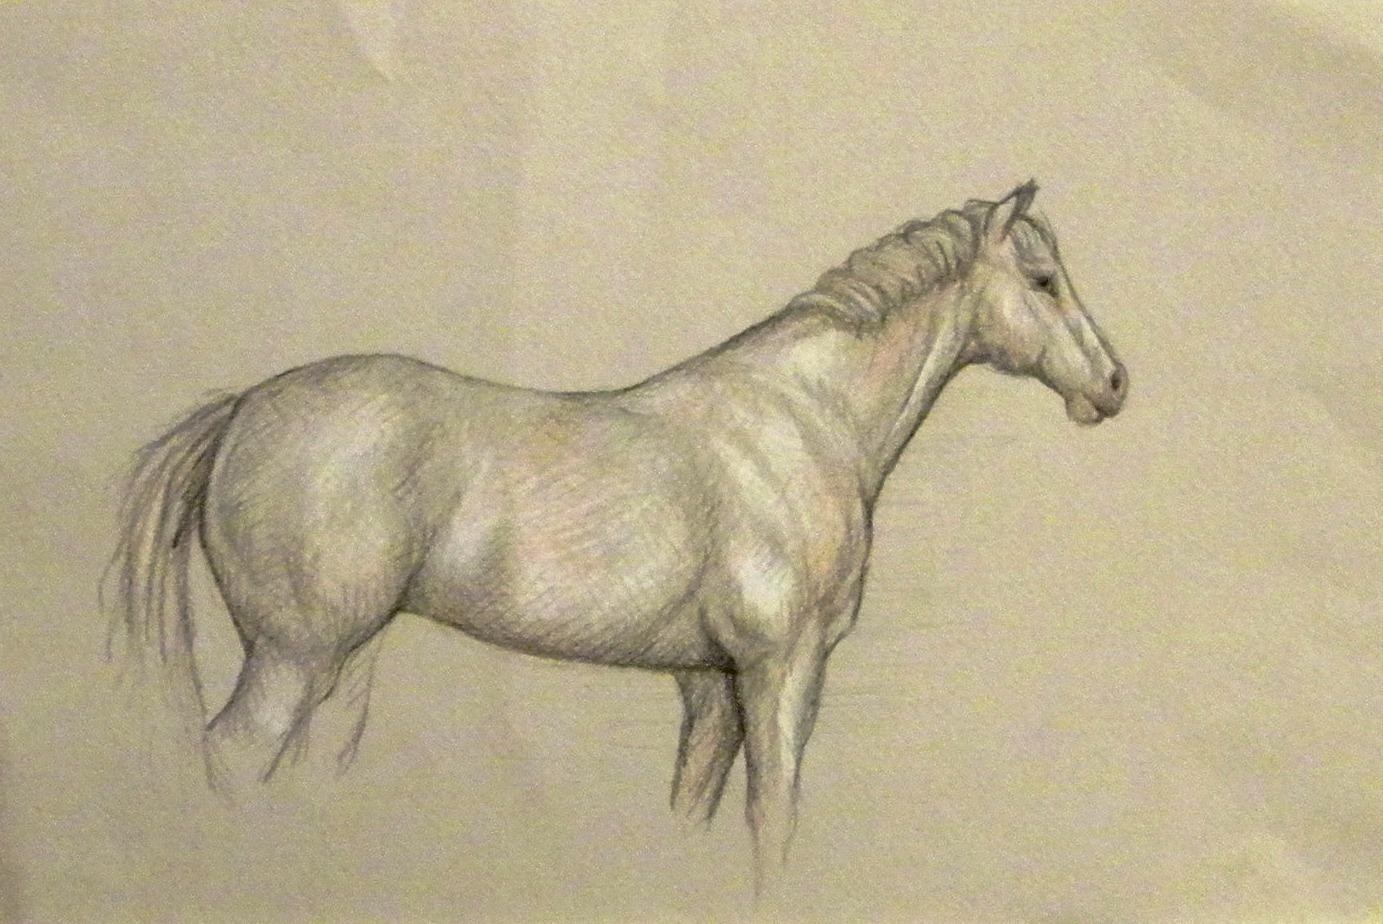 Dipinti disegni copie e rivisitazioni cavallo disegno for Disegni di cavalli a matita